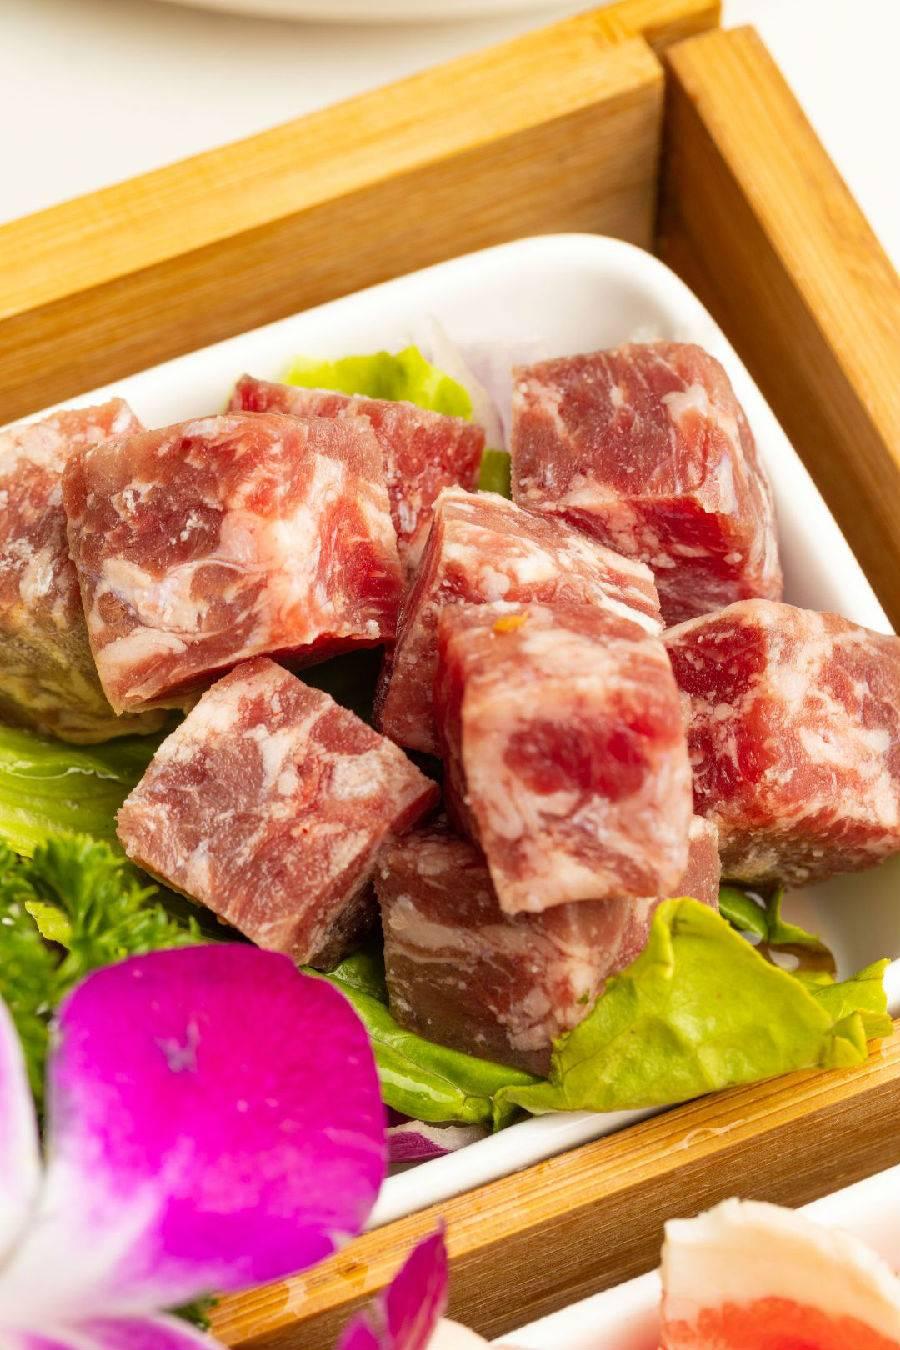 【罗湖黄贝岭·美食】黑龙江风味特色烤肉!88元抢279.5元『市集叫板烤肉』2-3人超值烤肉套餐!大口吃肉,畅享美味!